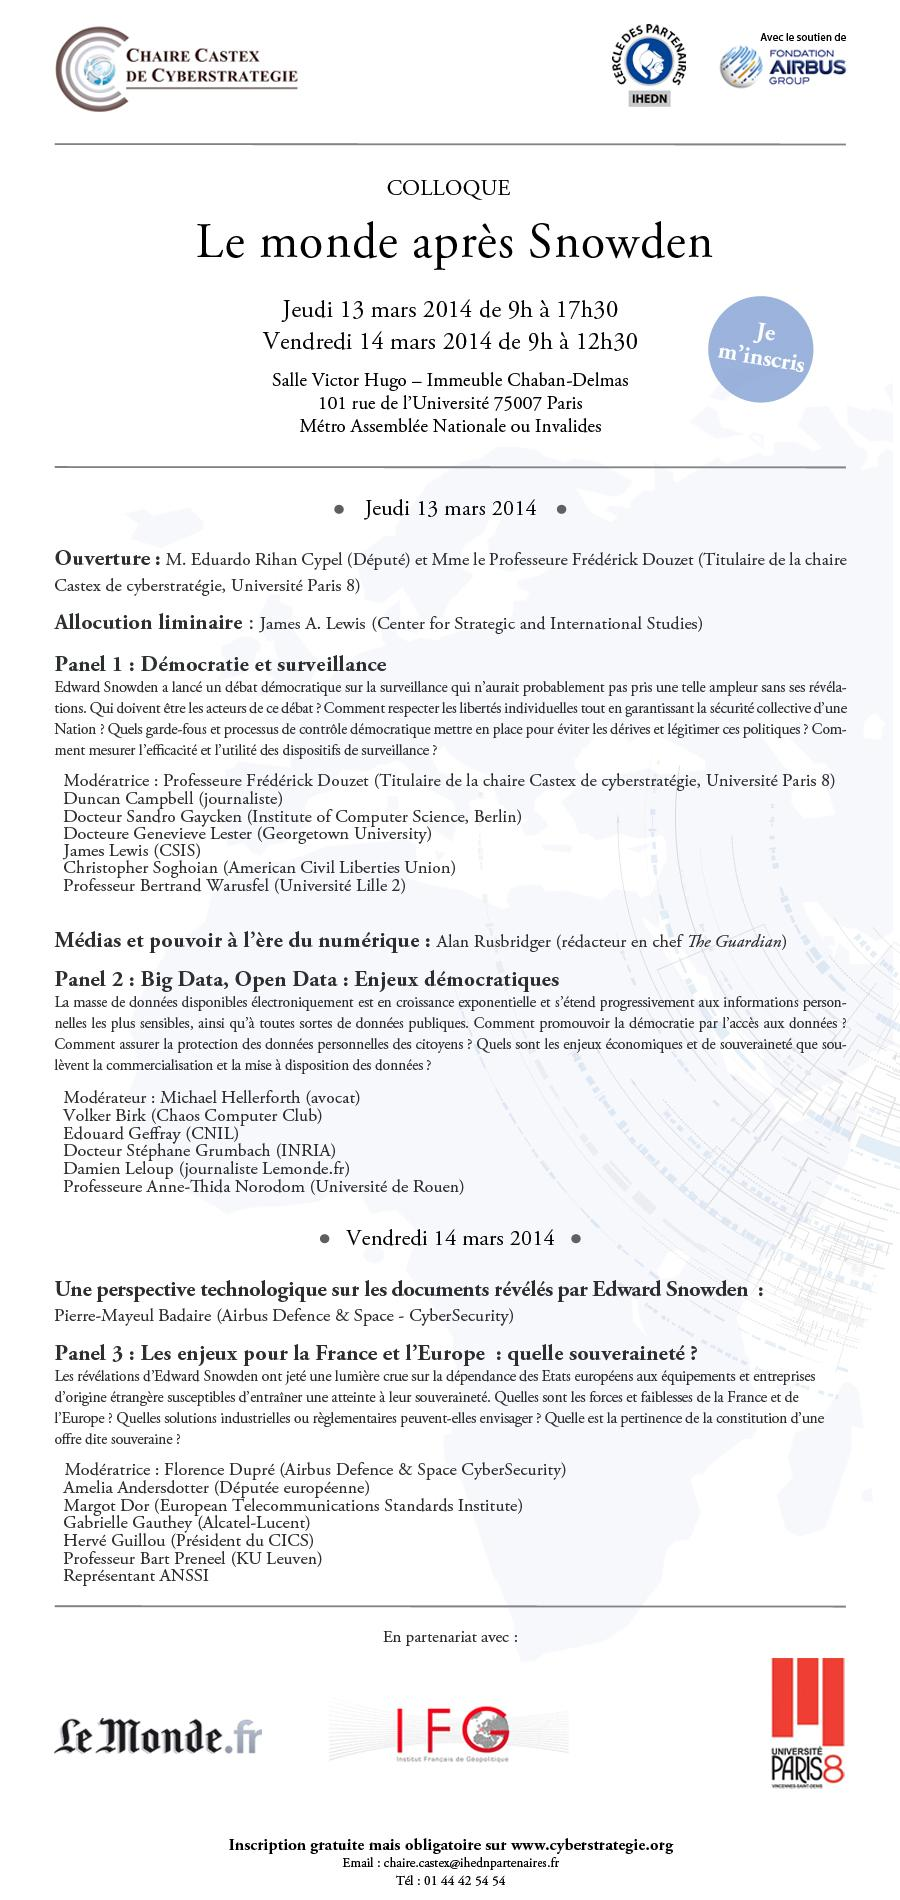 Colloque Le monde après Snowden - 13 et 14 mars